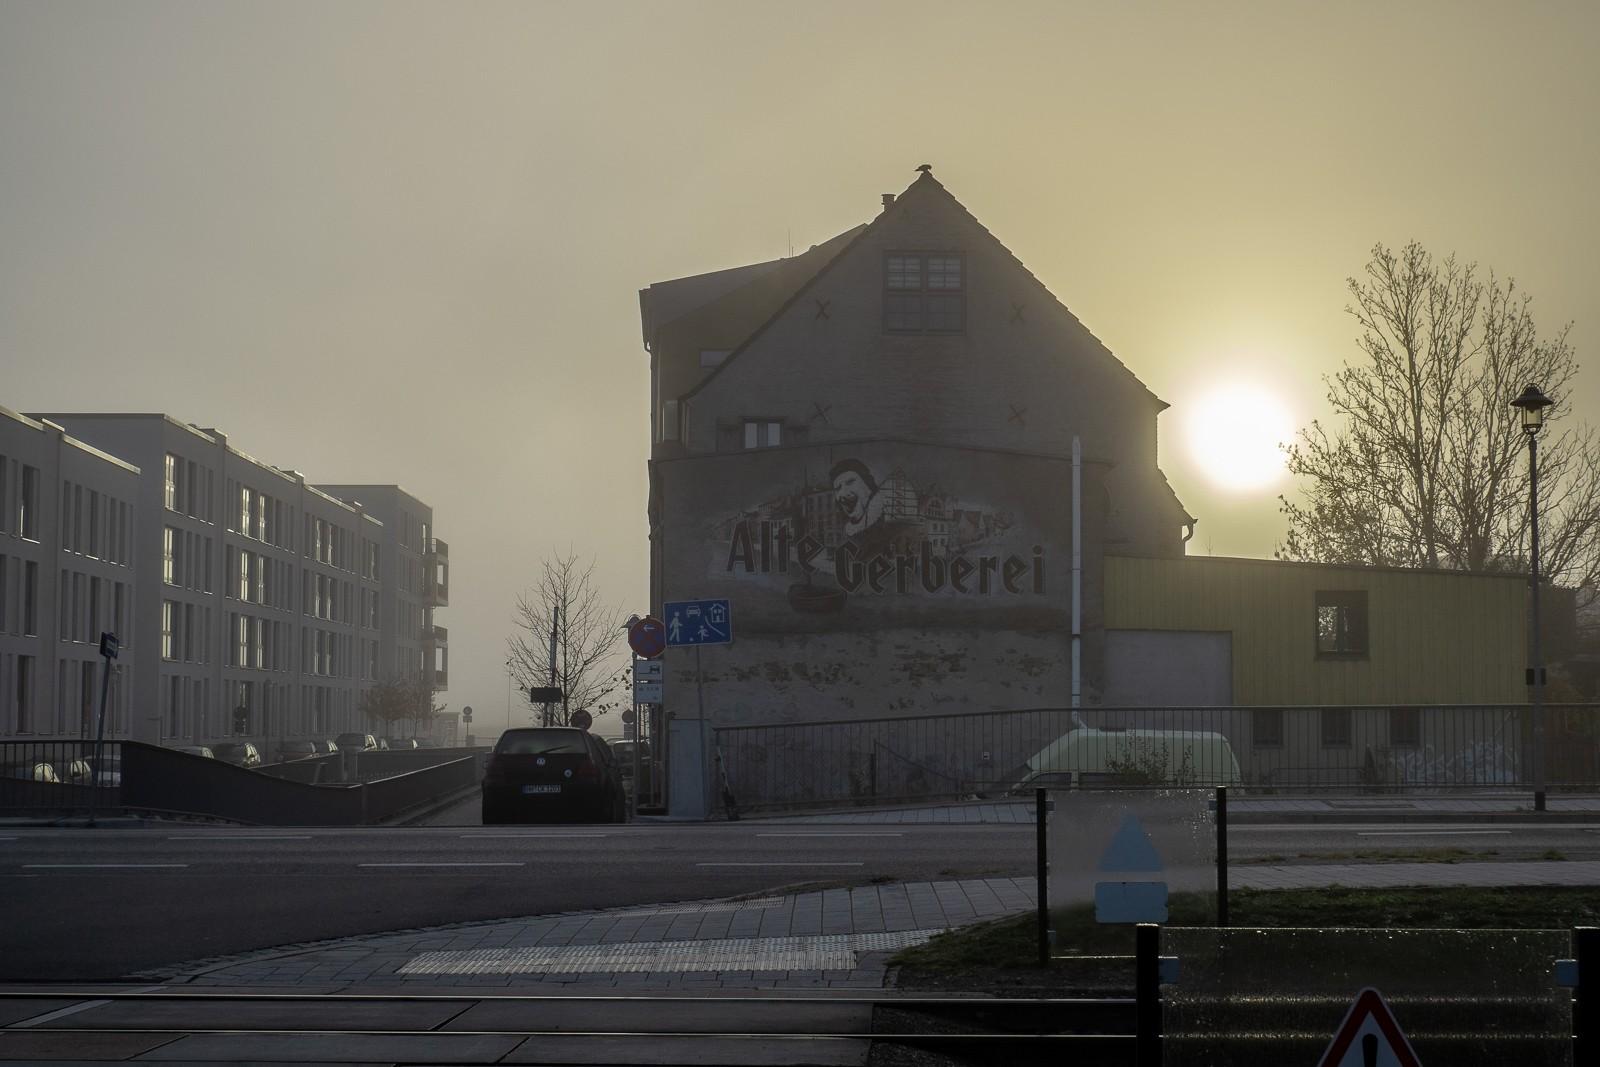 Alte Geberei ved Rostock an der Warnow